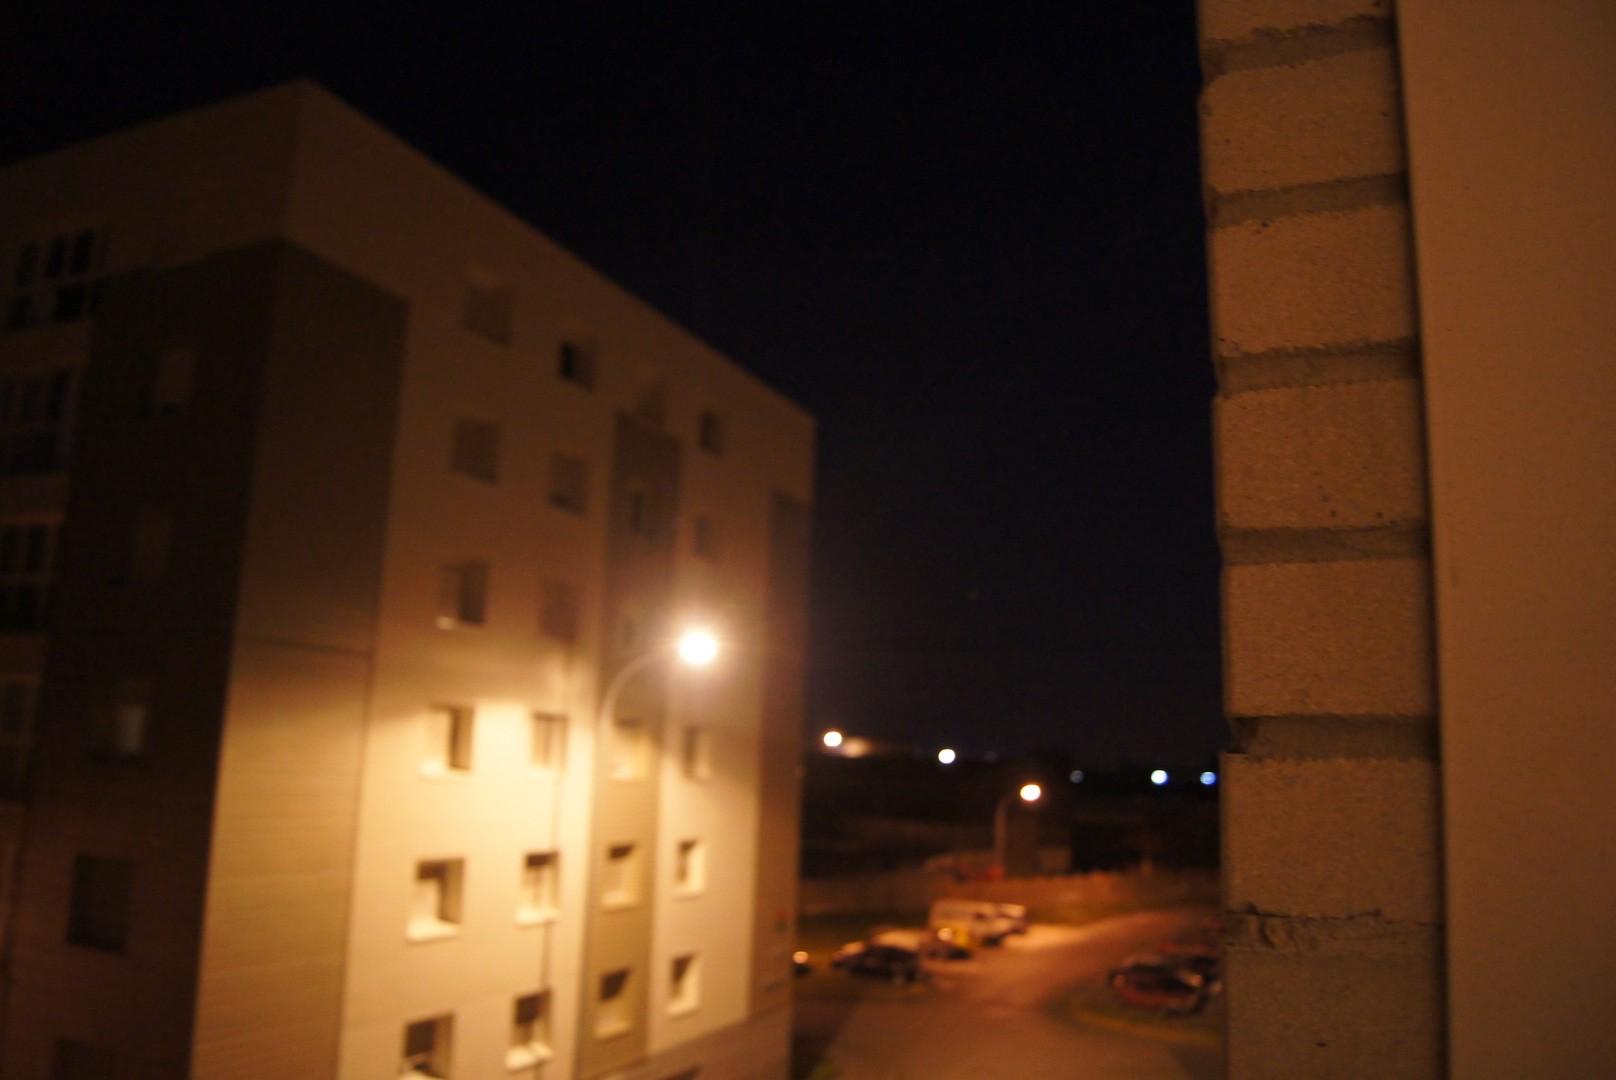 2012: le 01/09 à 21h40 - Lumière étrange dans le ciel  - dunkerque (59)  Dsc04914